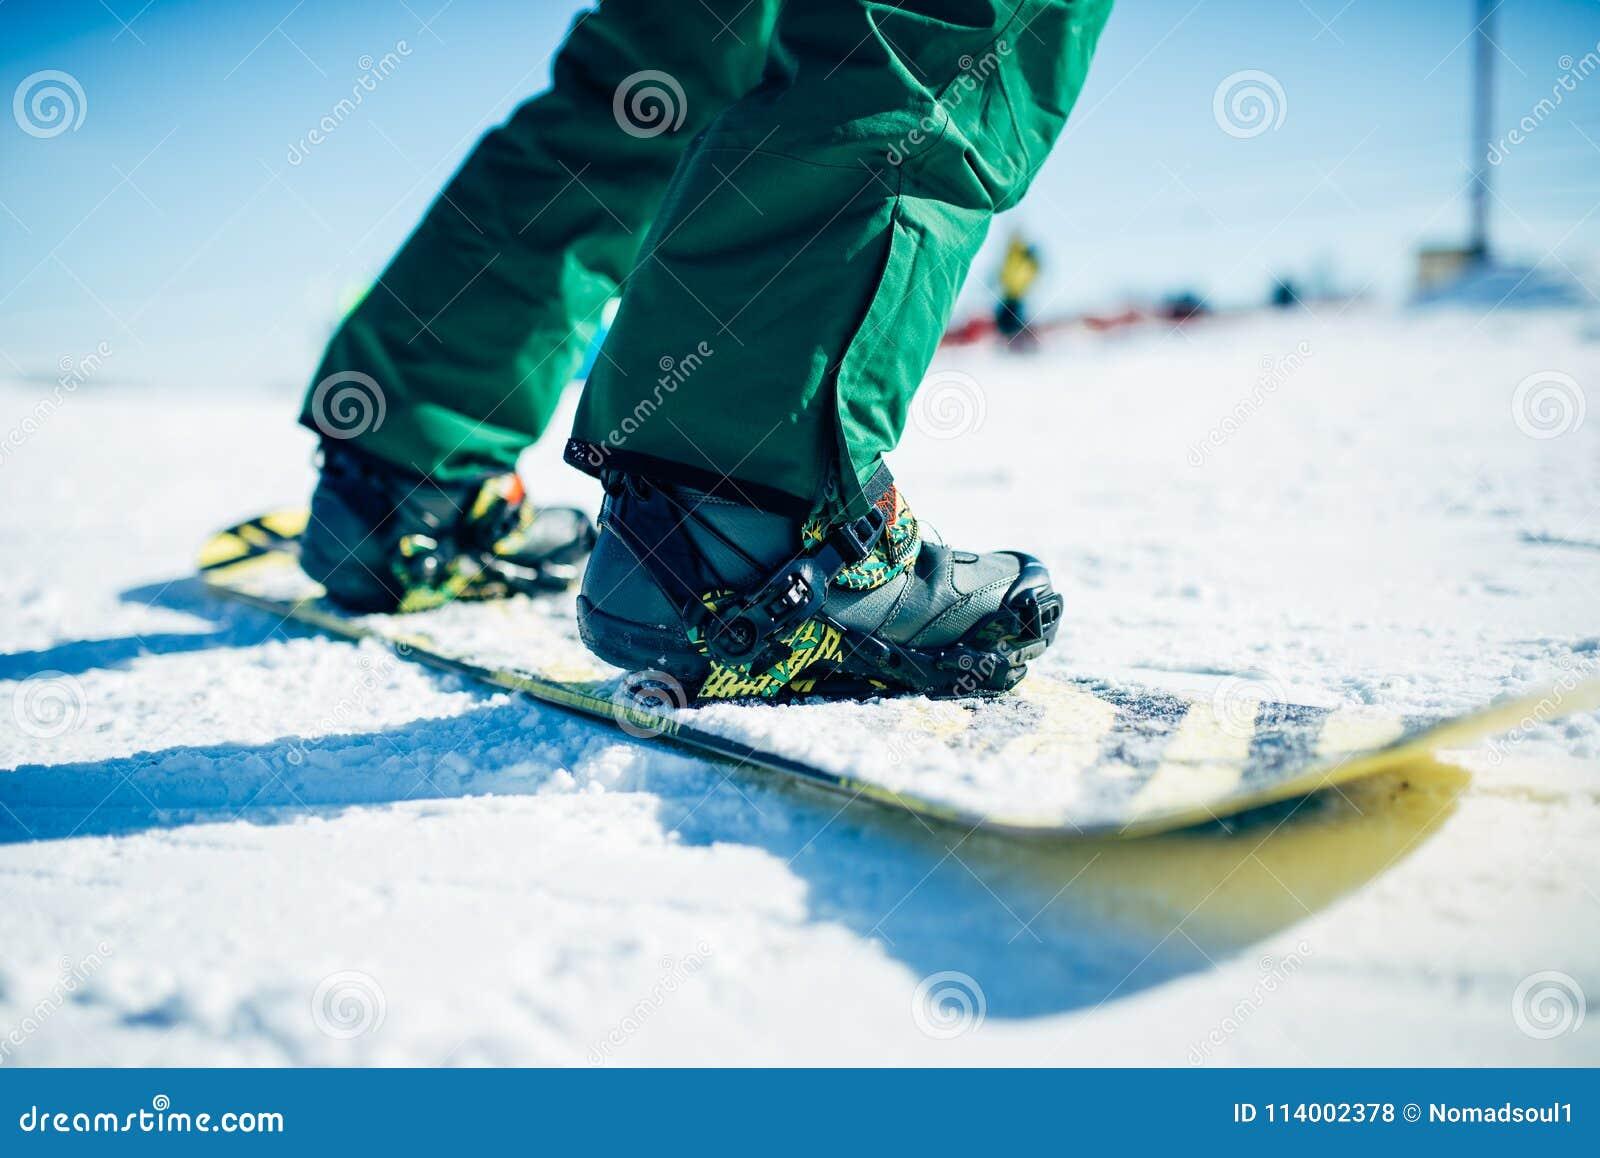 Snowboarder που οδηγά έναν λόφο χιονιού, ακραίος αθλητισμός